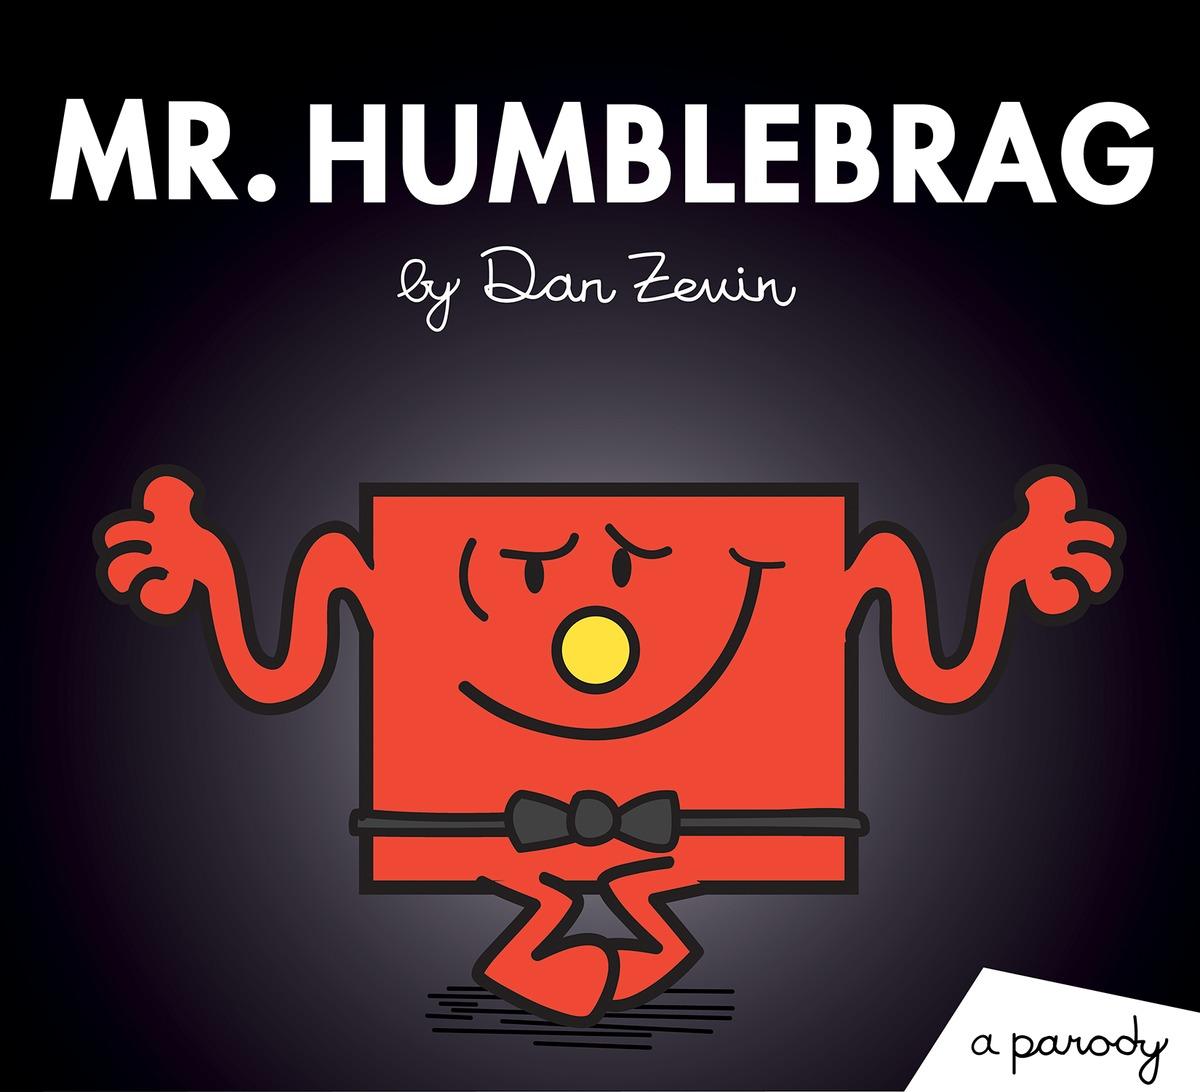 MR. HUMBLEBRAG